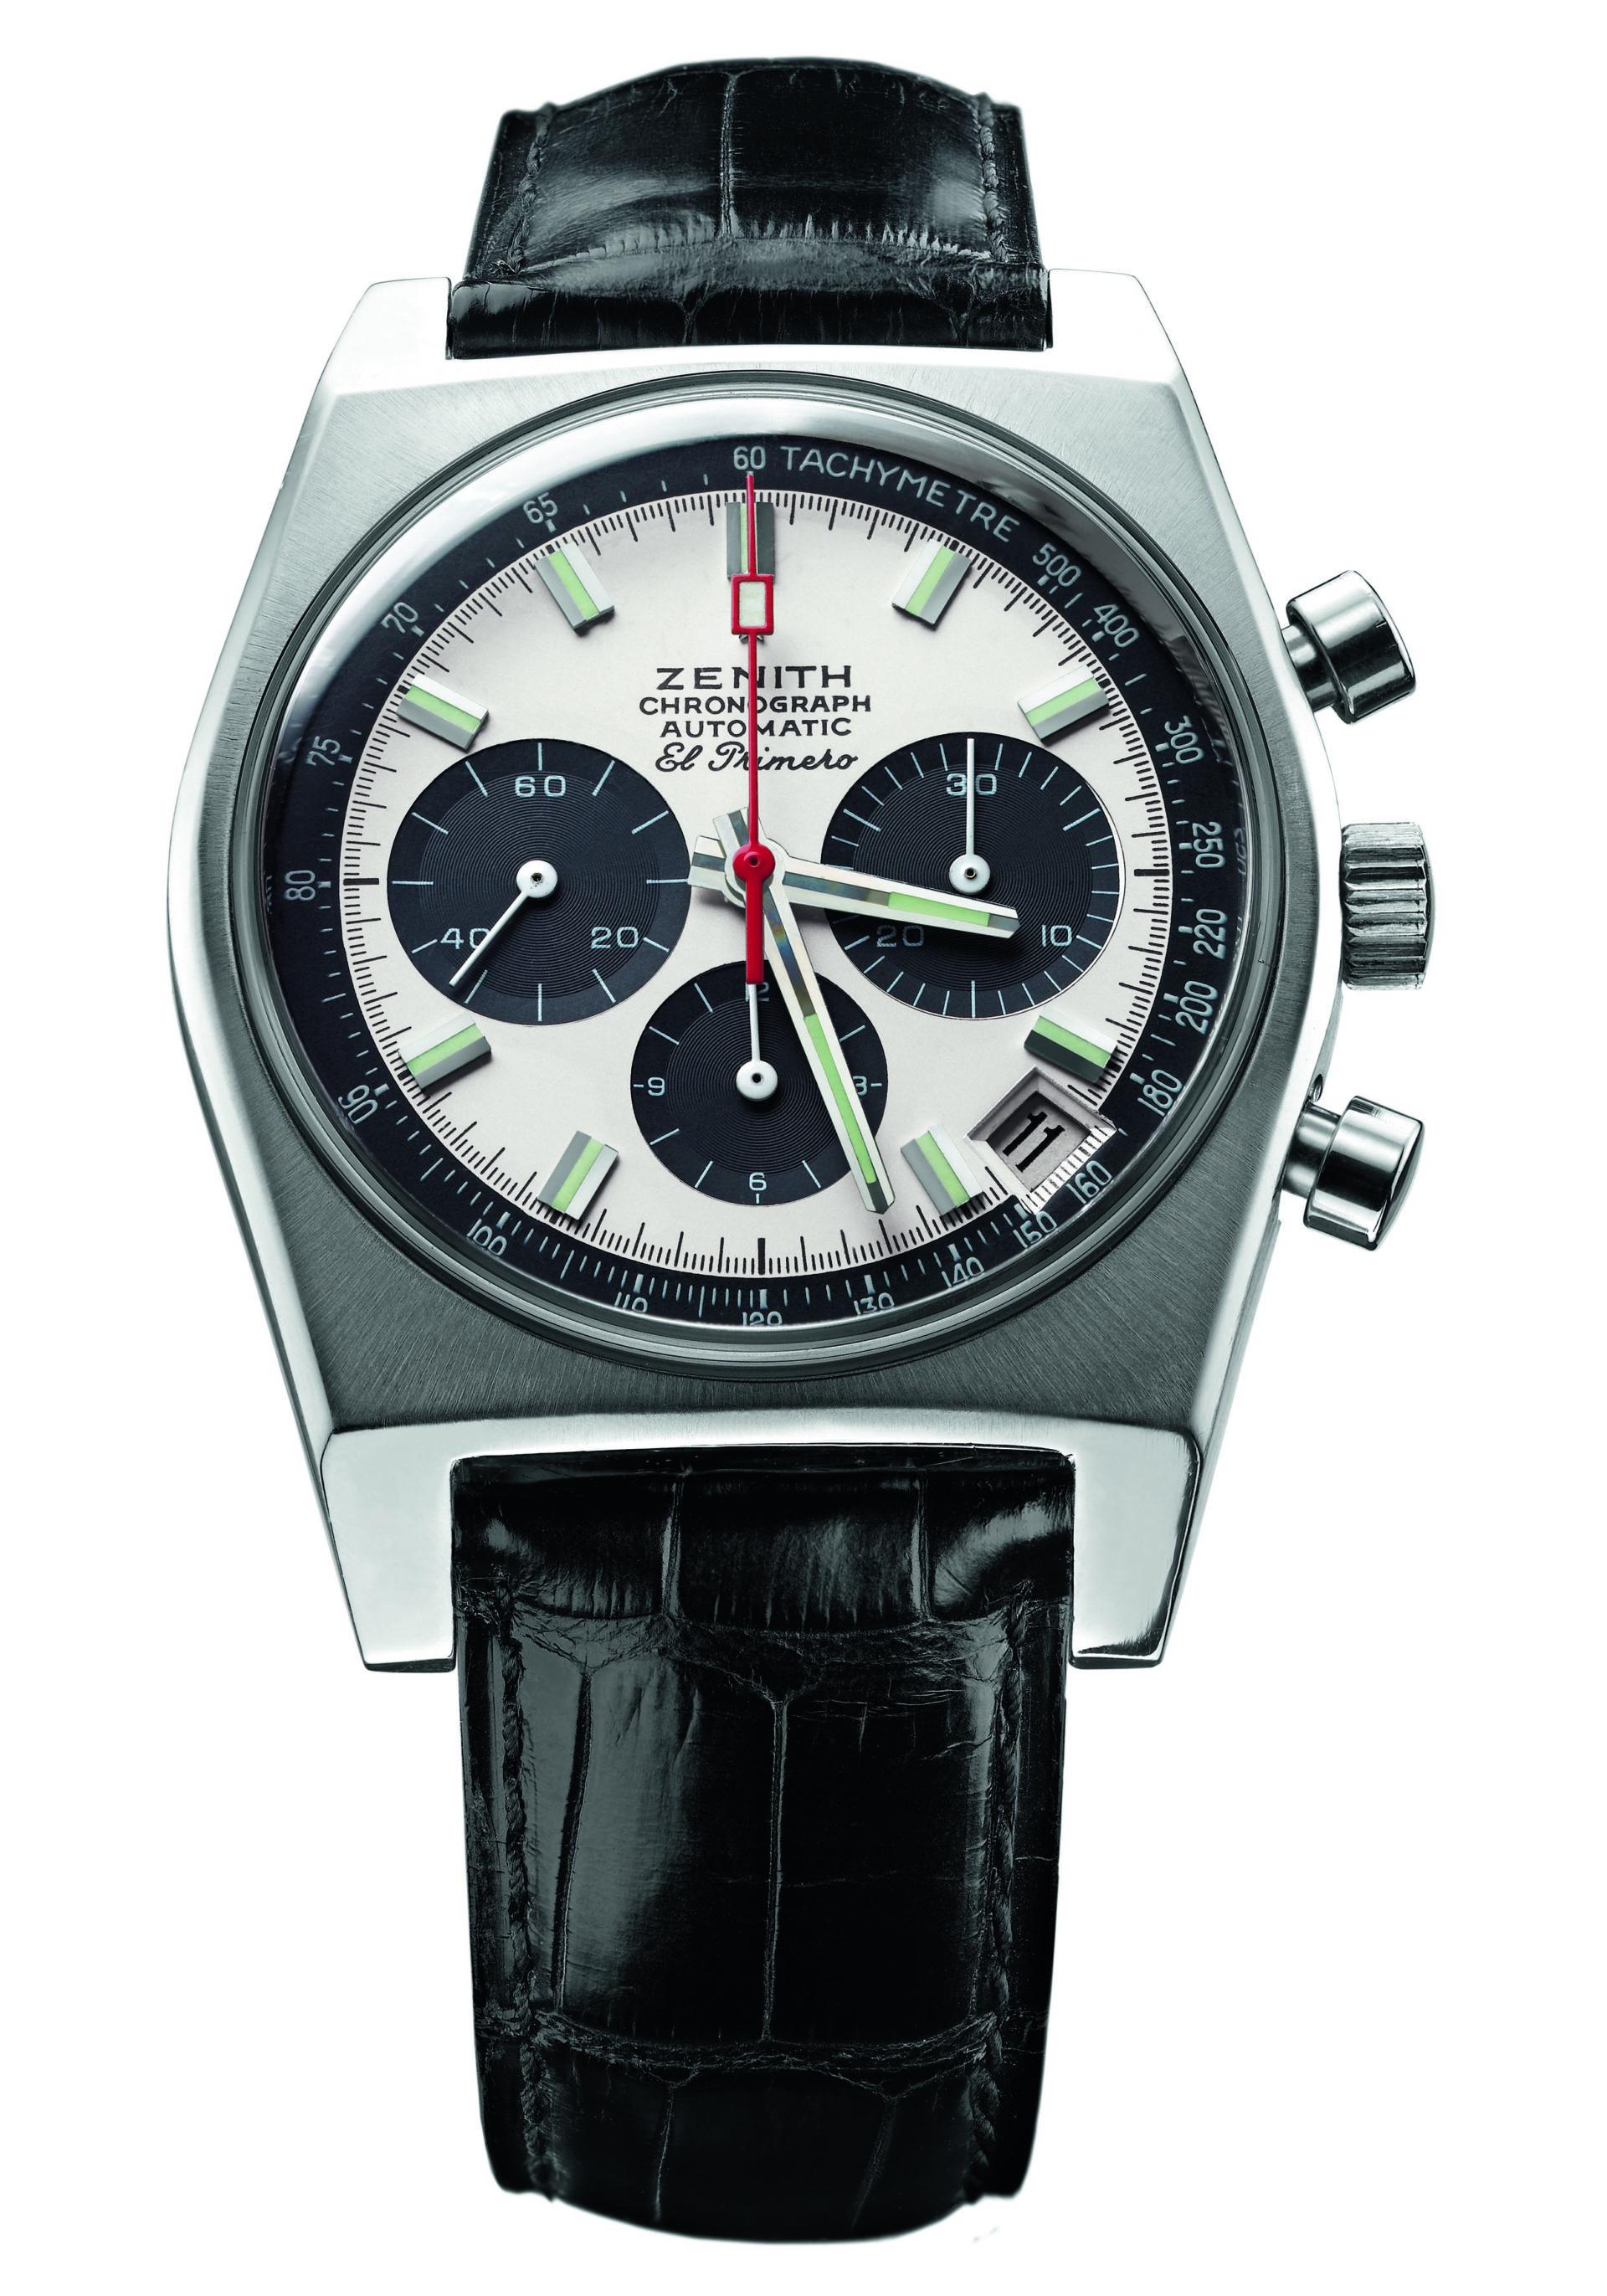 Kompakt, superschnell und präzise - das El Primero Werk des ersten Chronographen war 1969 eine Sensation